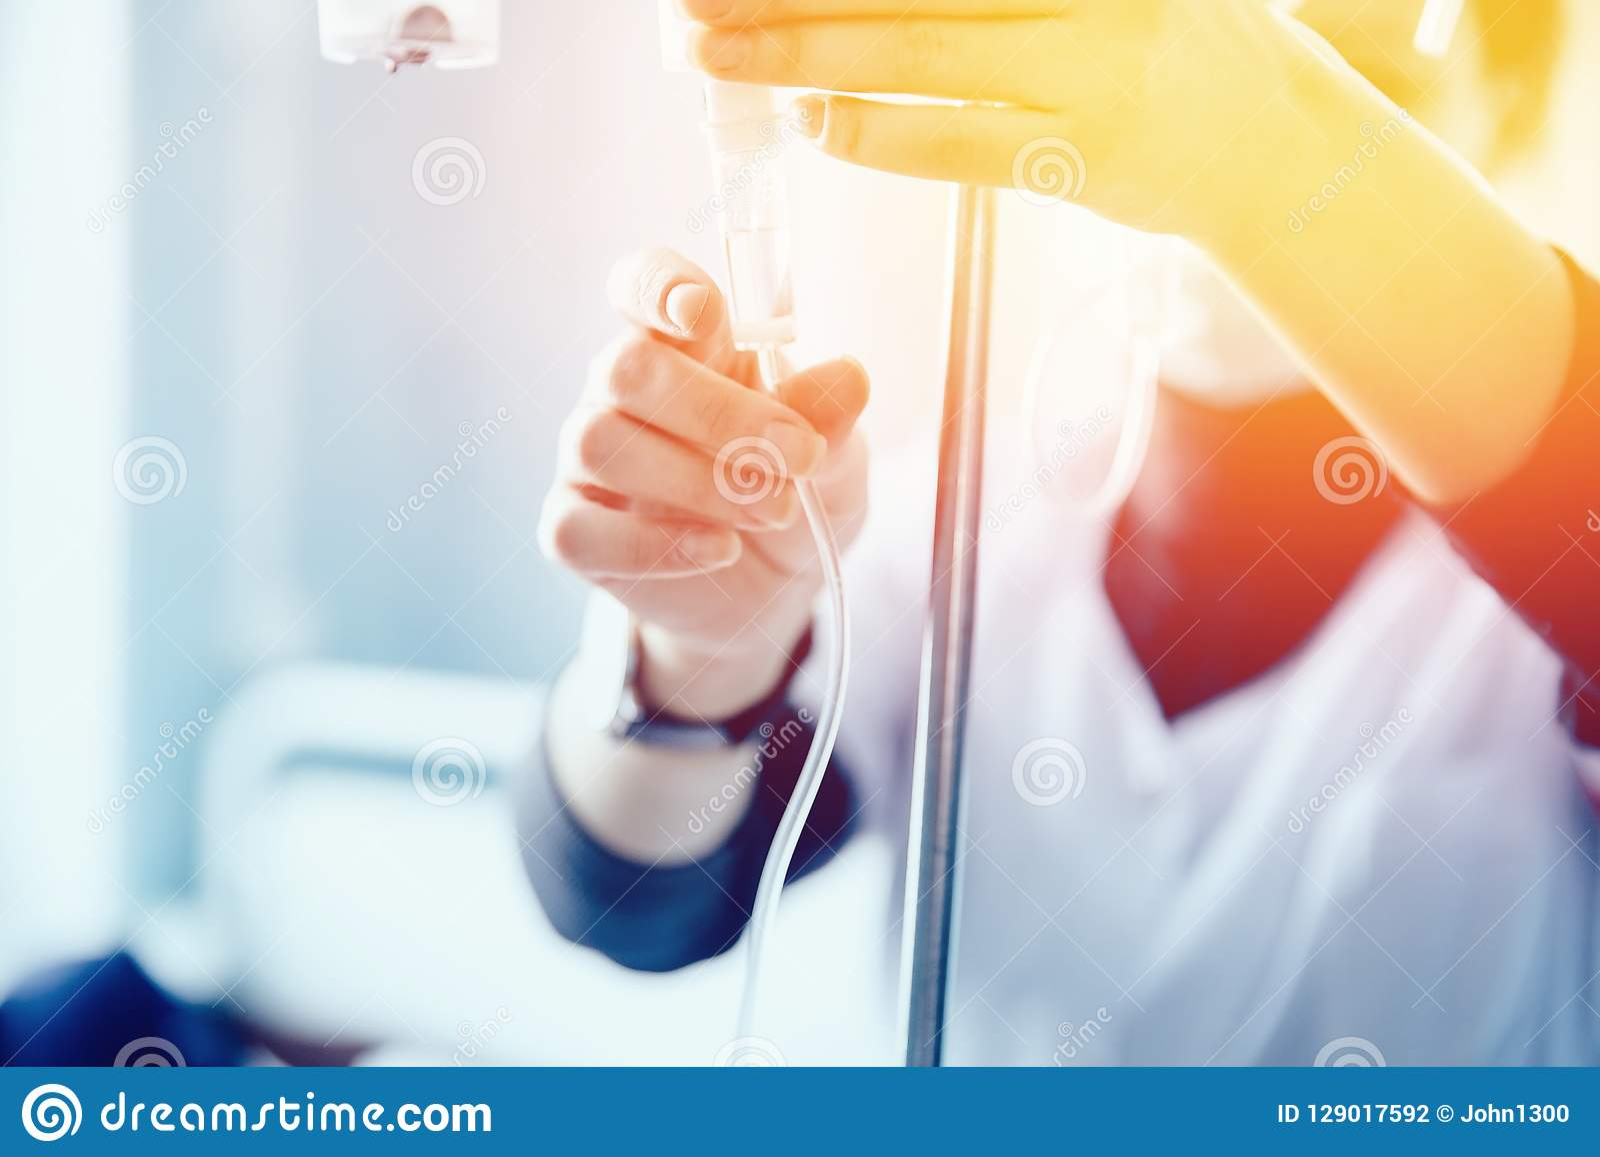 Nurse sets the patient`s dropper